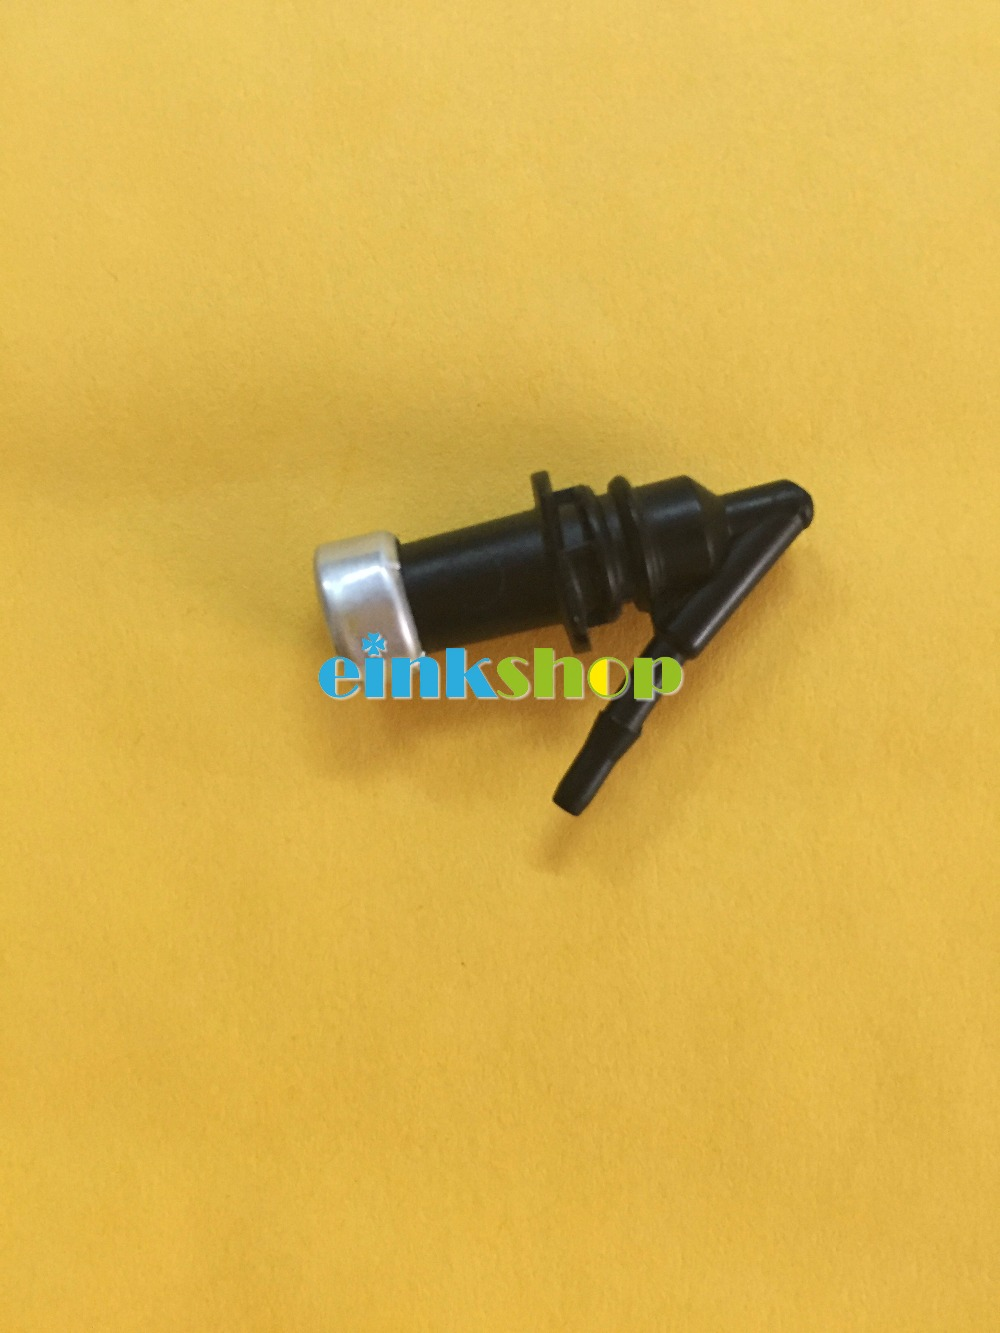 Einkshop Print Head Connection For HP DesignJet 500 800 510 T1100 T1120 T610 T620 T770 T790